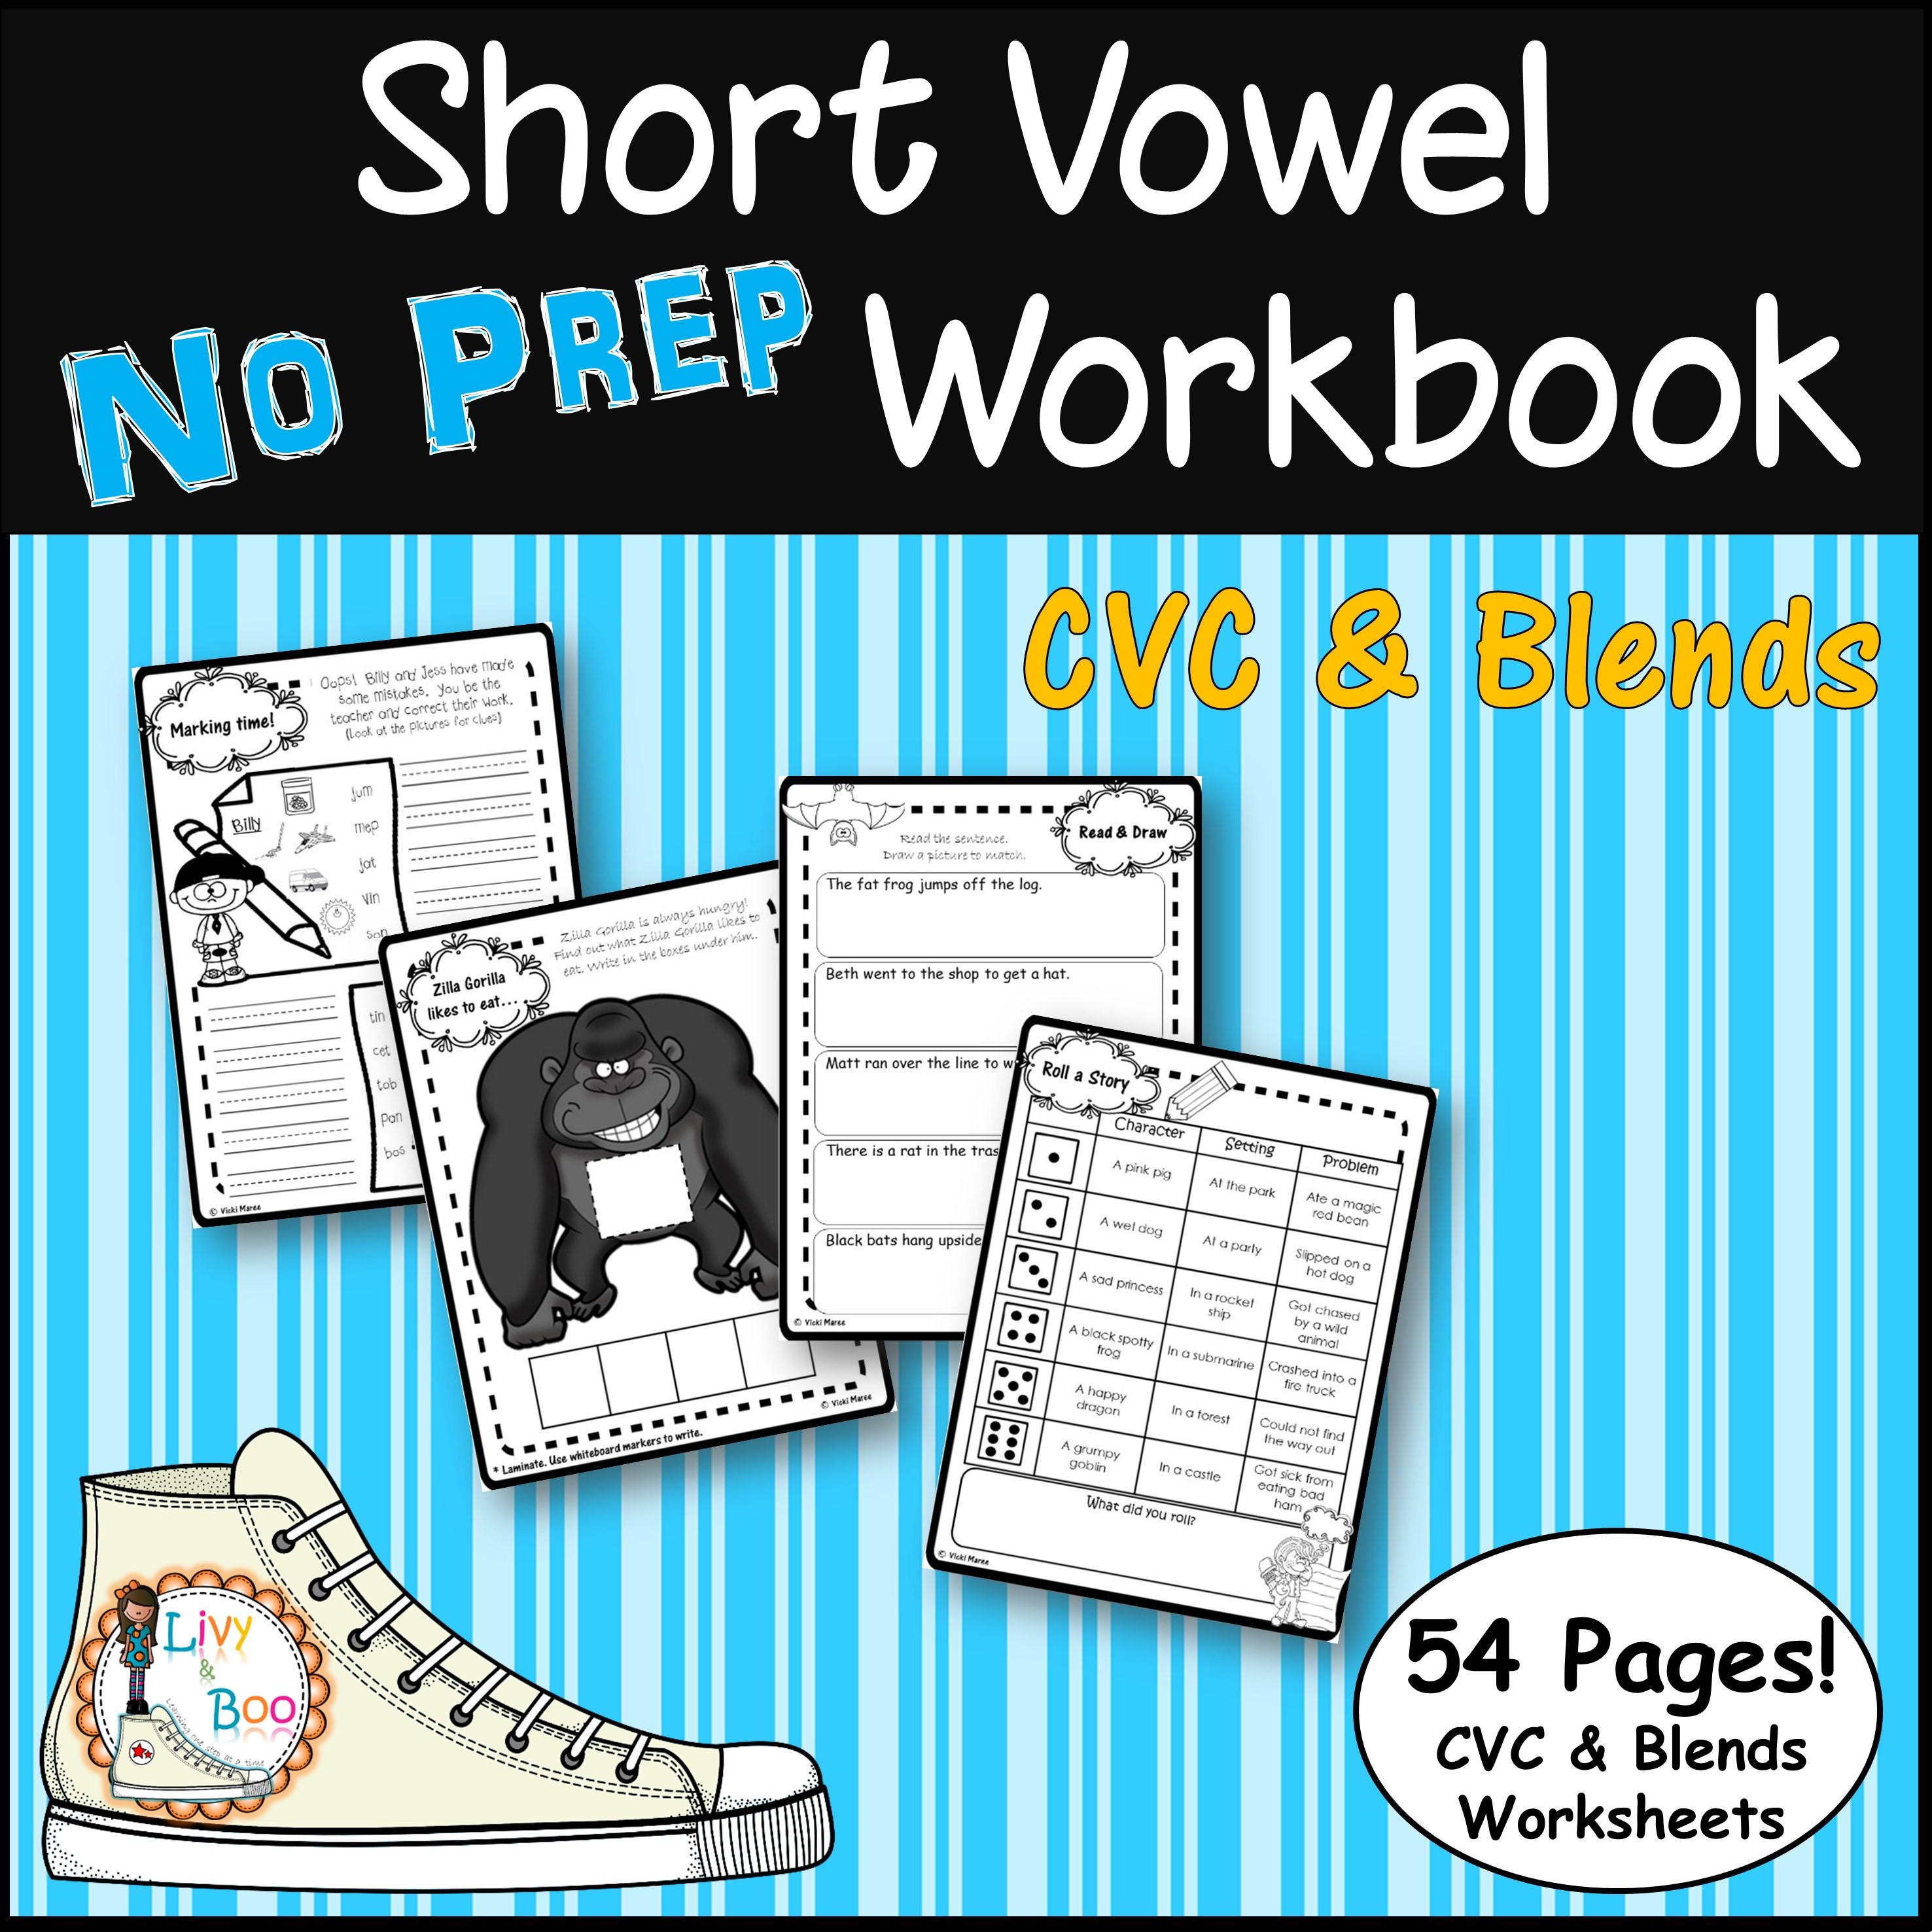 Short Vowel No Prep Worksheets